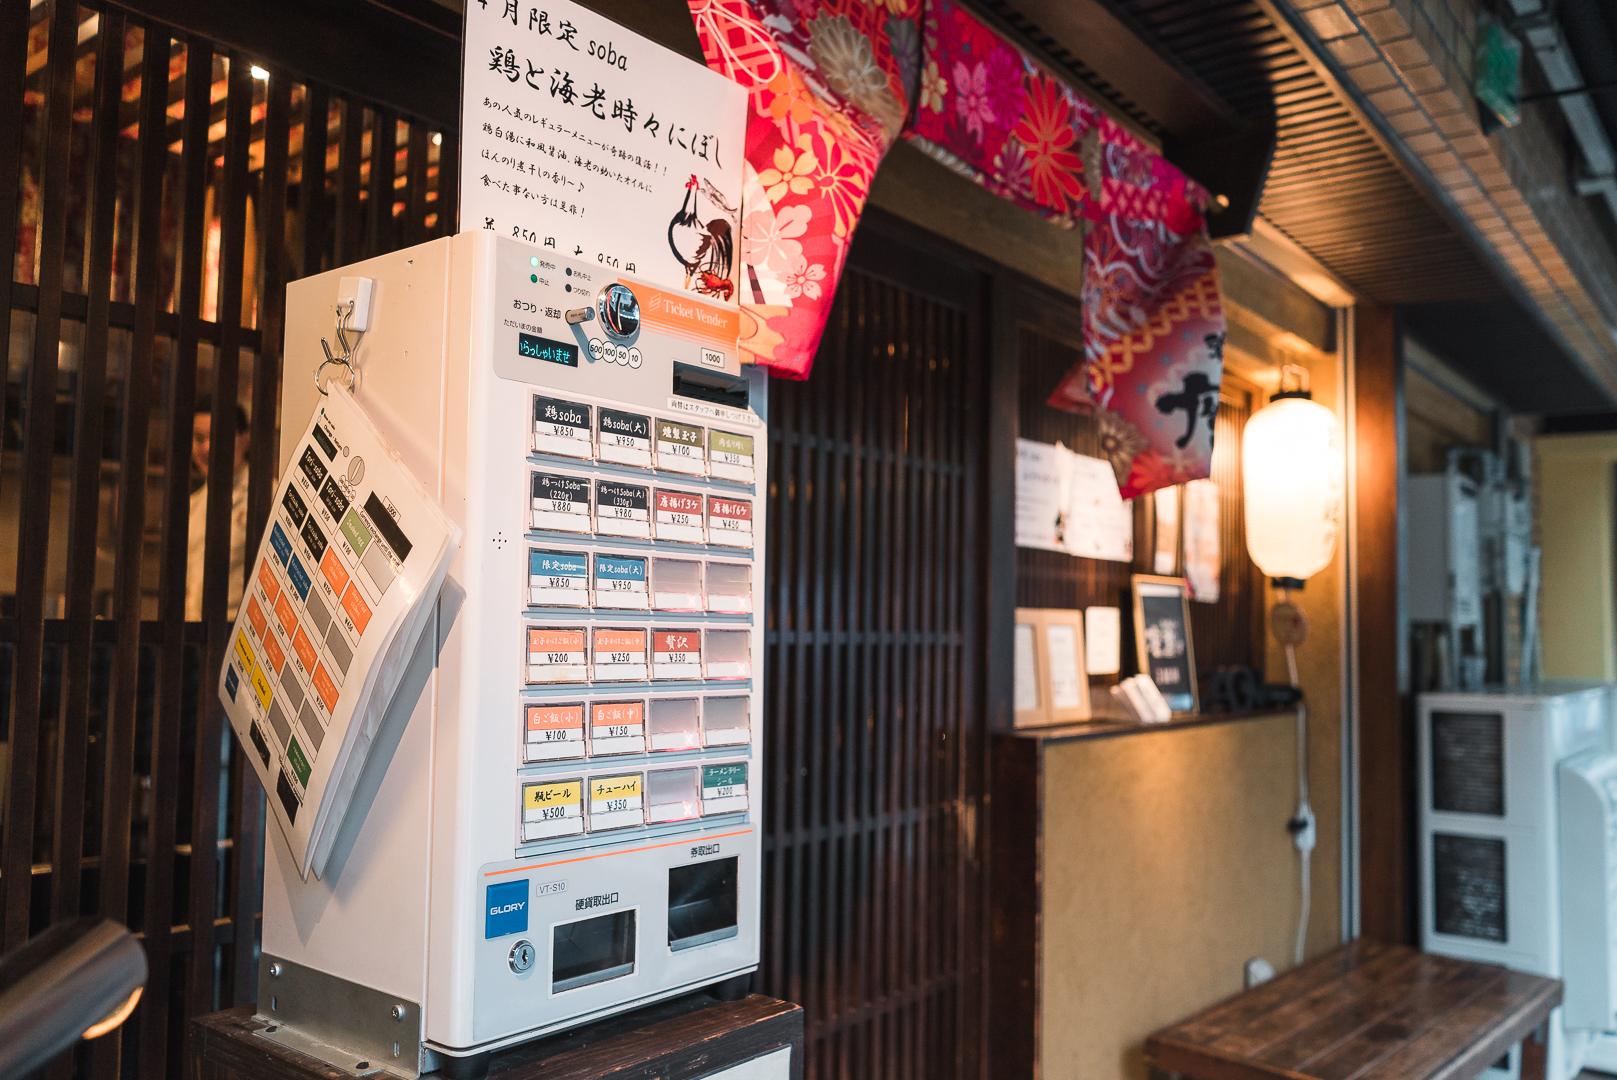 edwardchang-Osaka-4.jpg